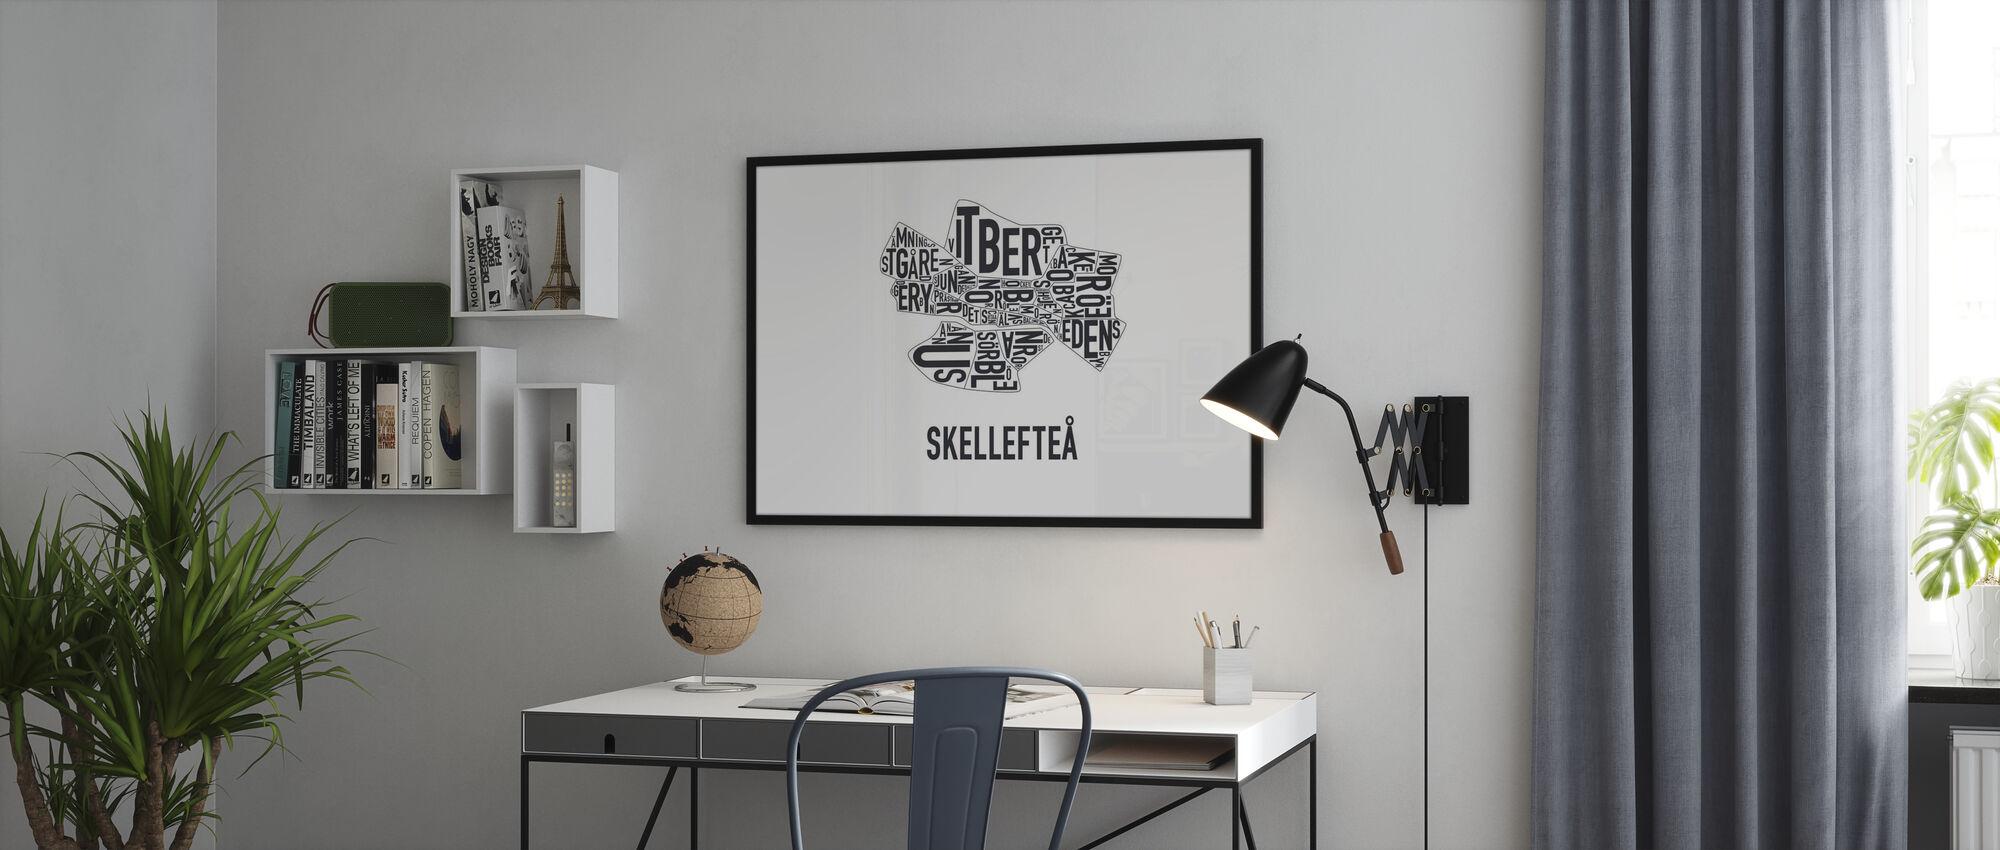 Skellefteå - Poster - Kantoor